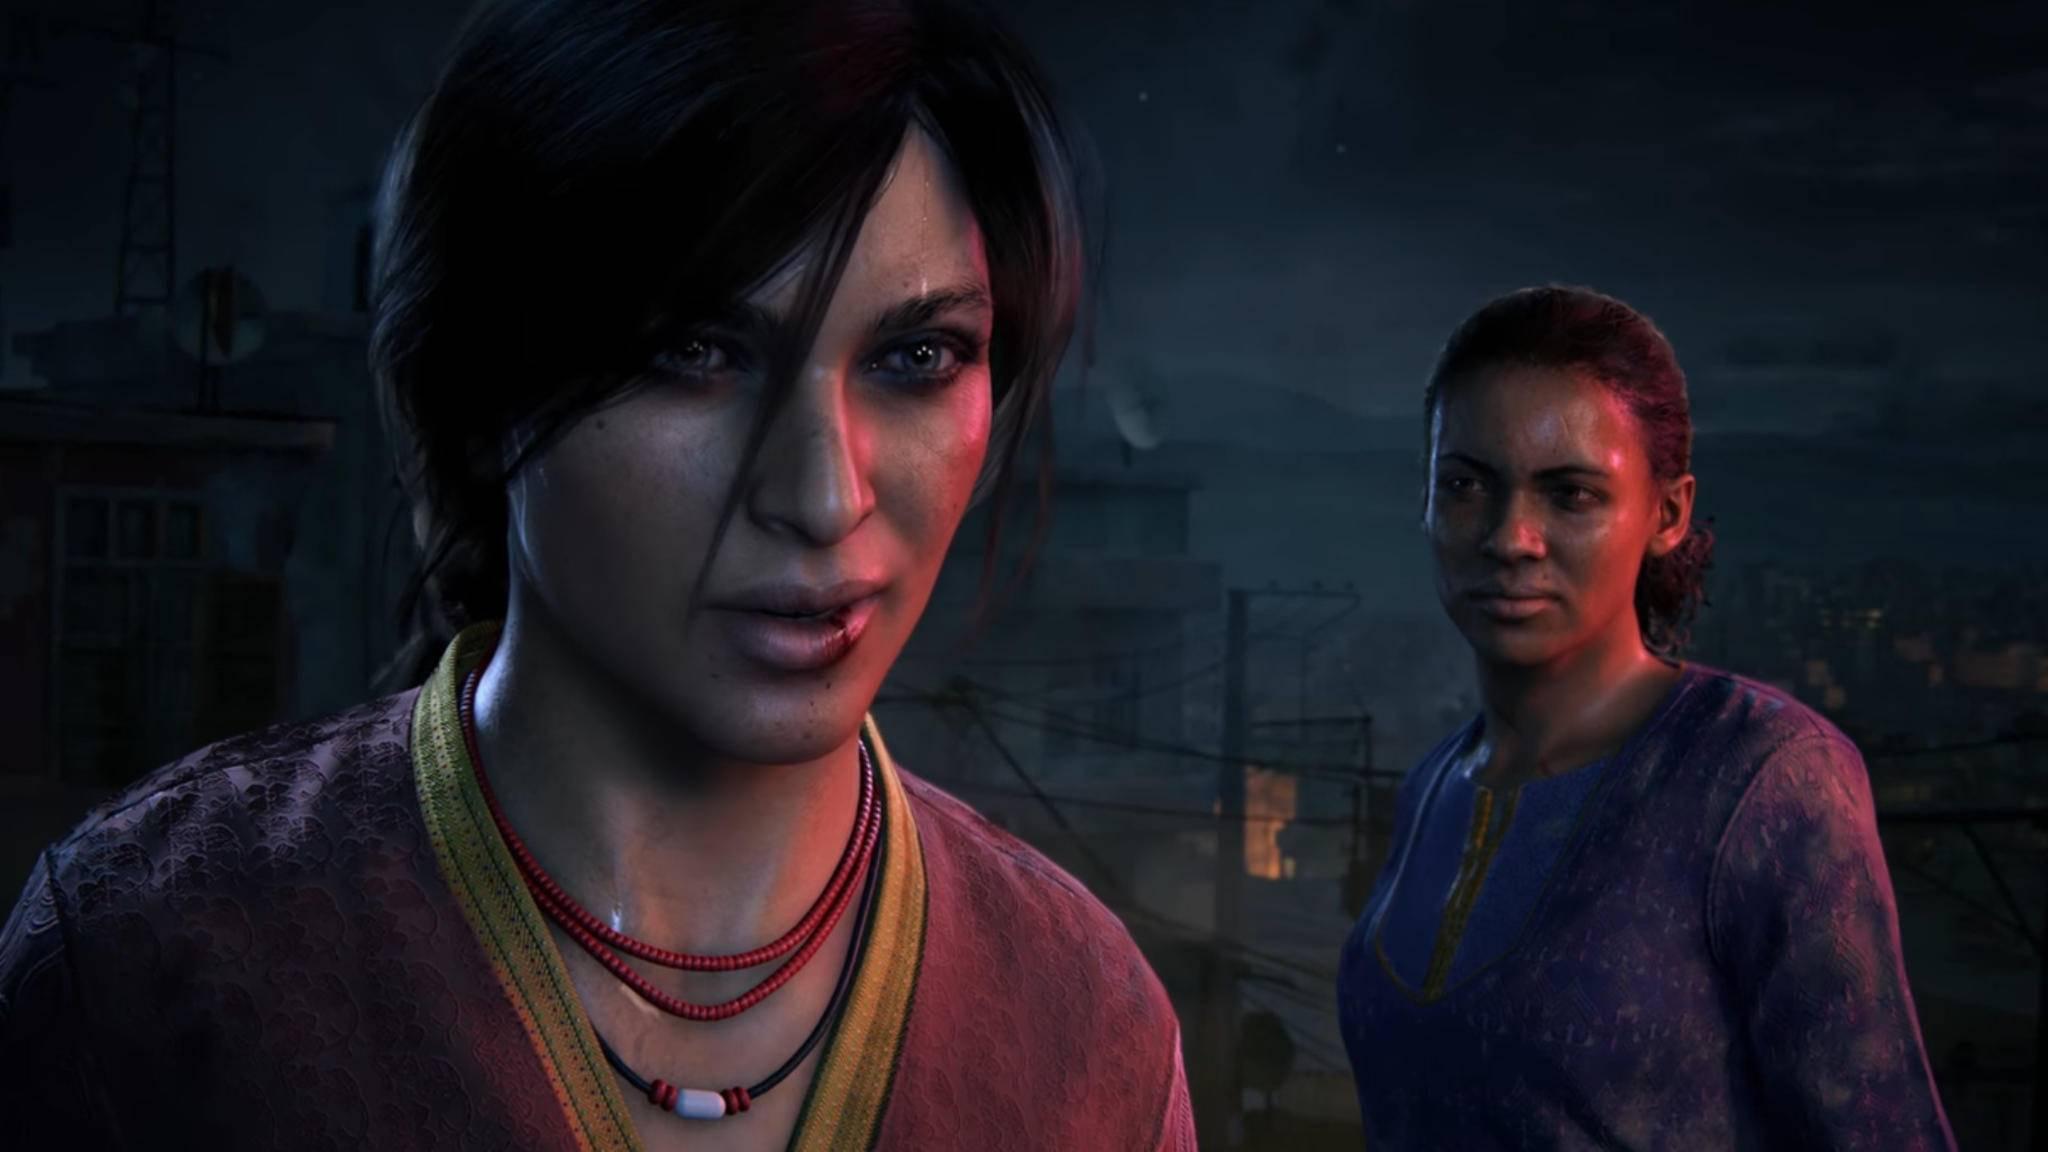 Wer die Abenteuer rund um Chloe und Nadine durchspielen will, muss gute zehn Stunden dafür einplanen.